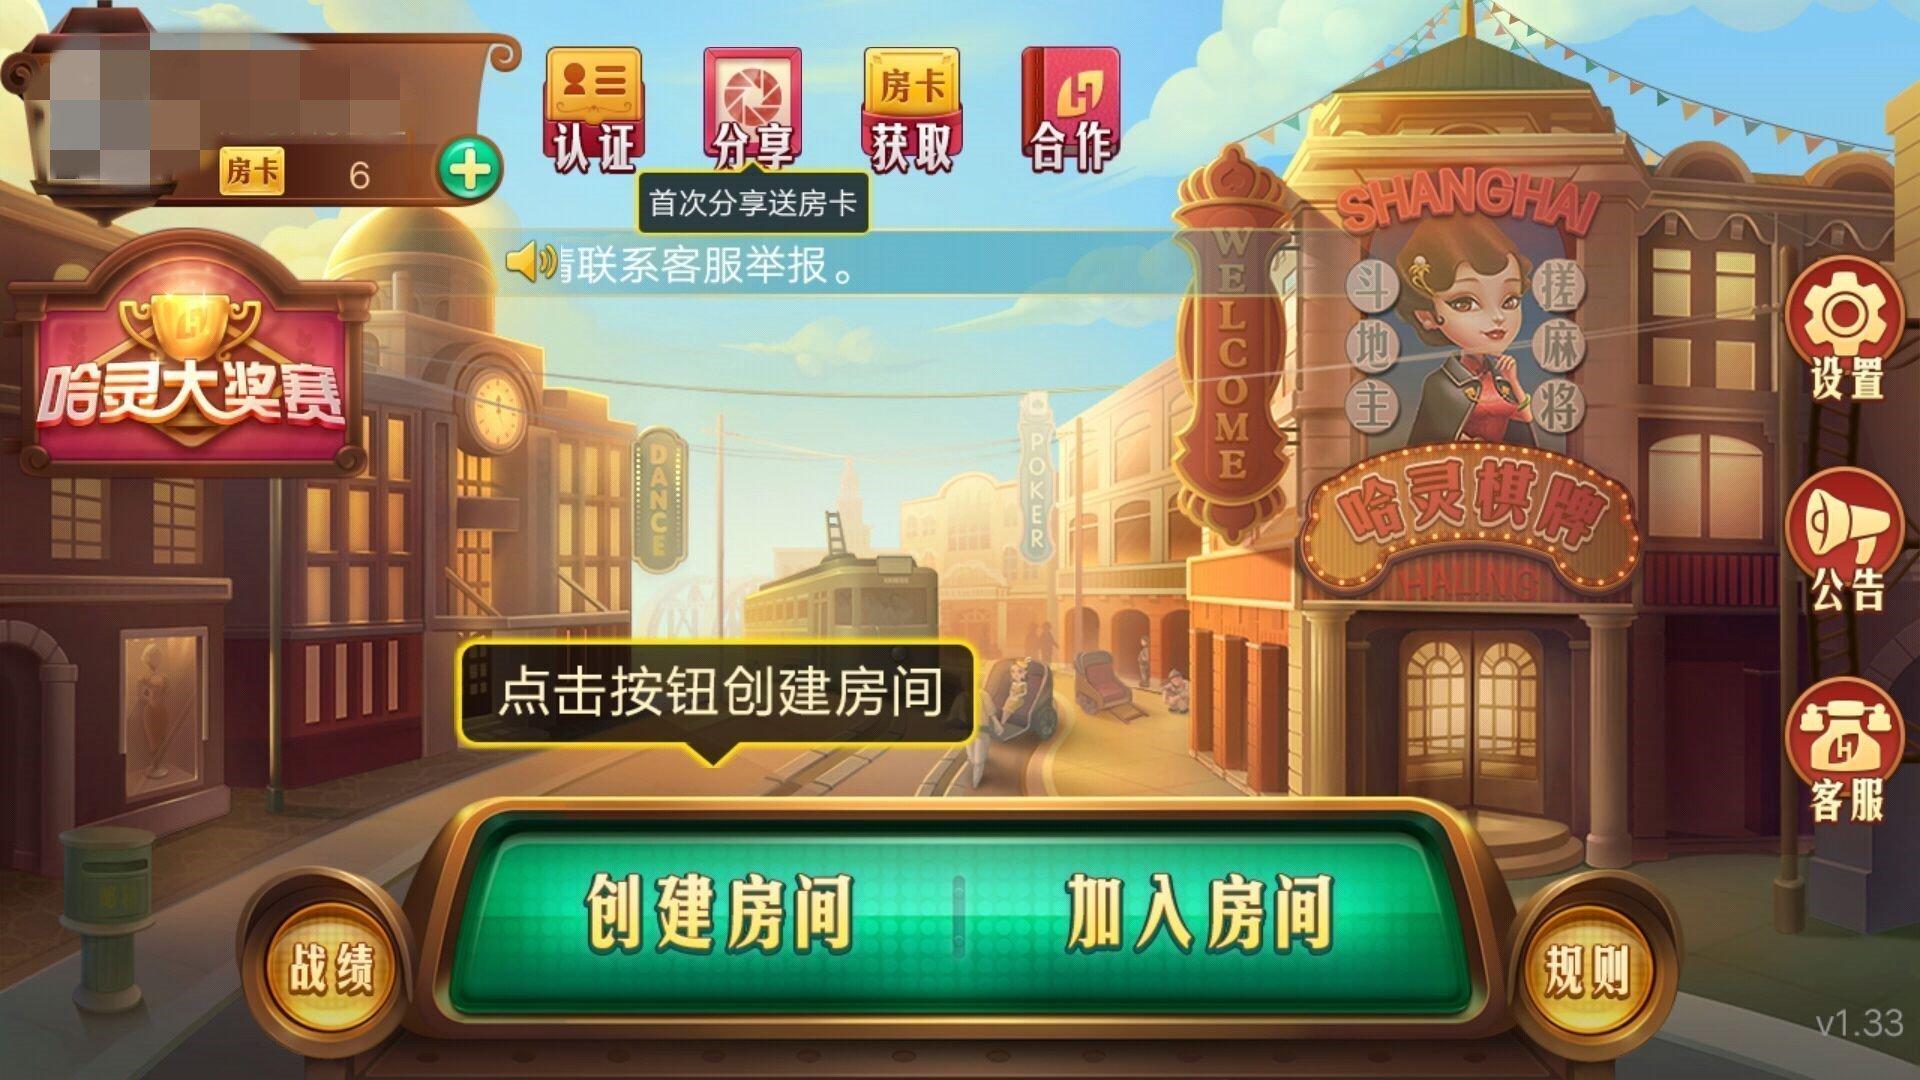 上海哈灵麻将2020官方版图2